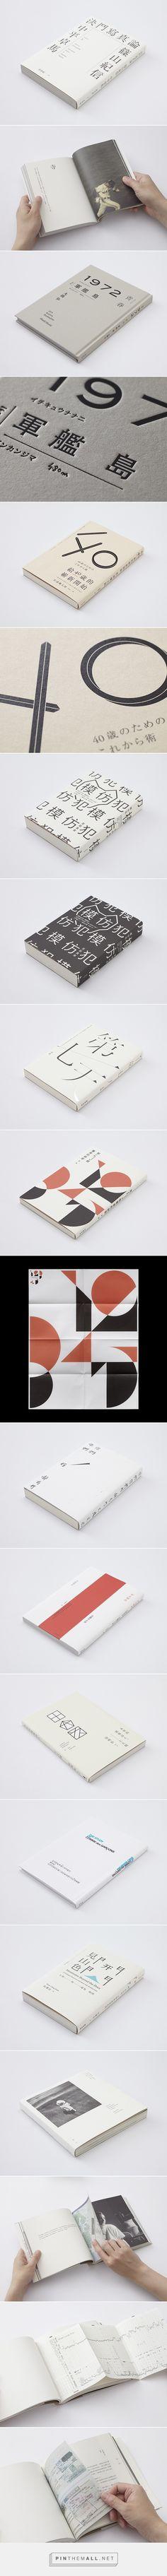 王志弘 - Selection of Book Designs, 2013